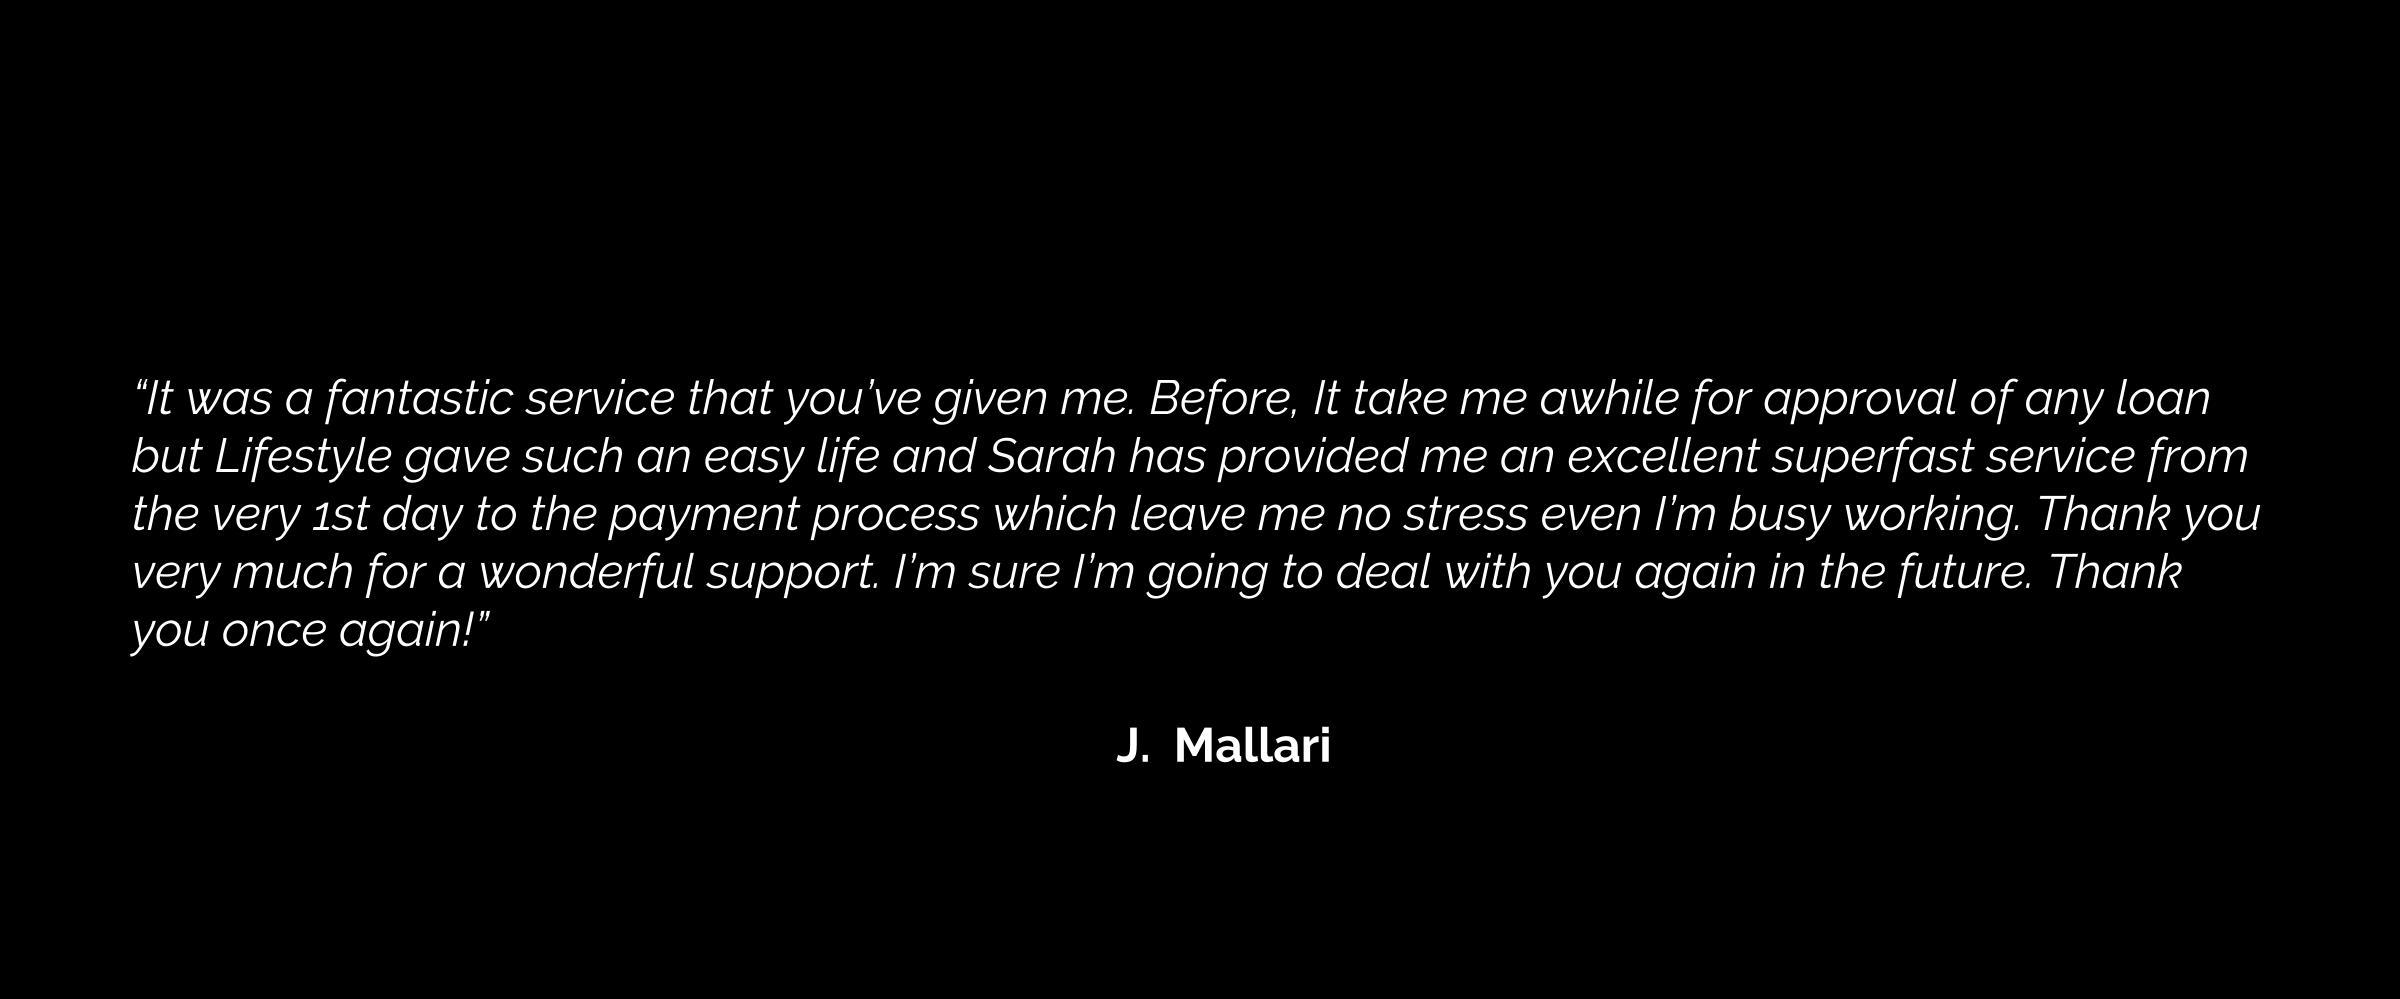 J Mallari Testimonial.jpg